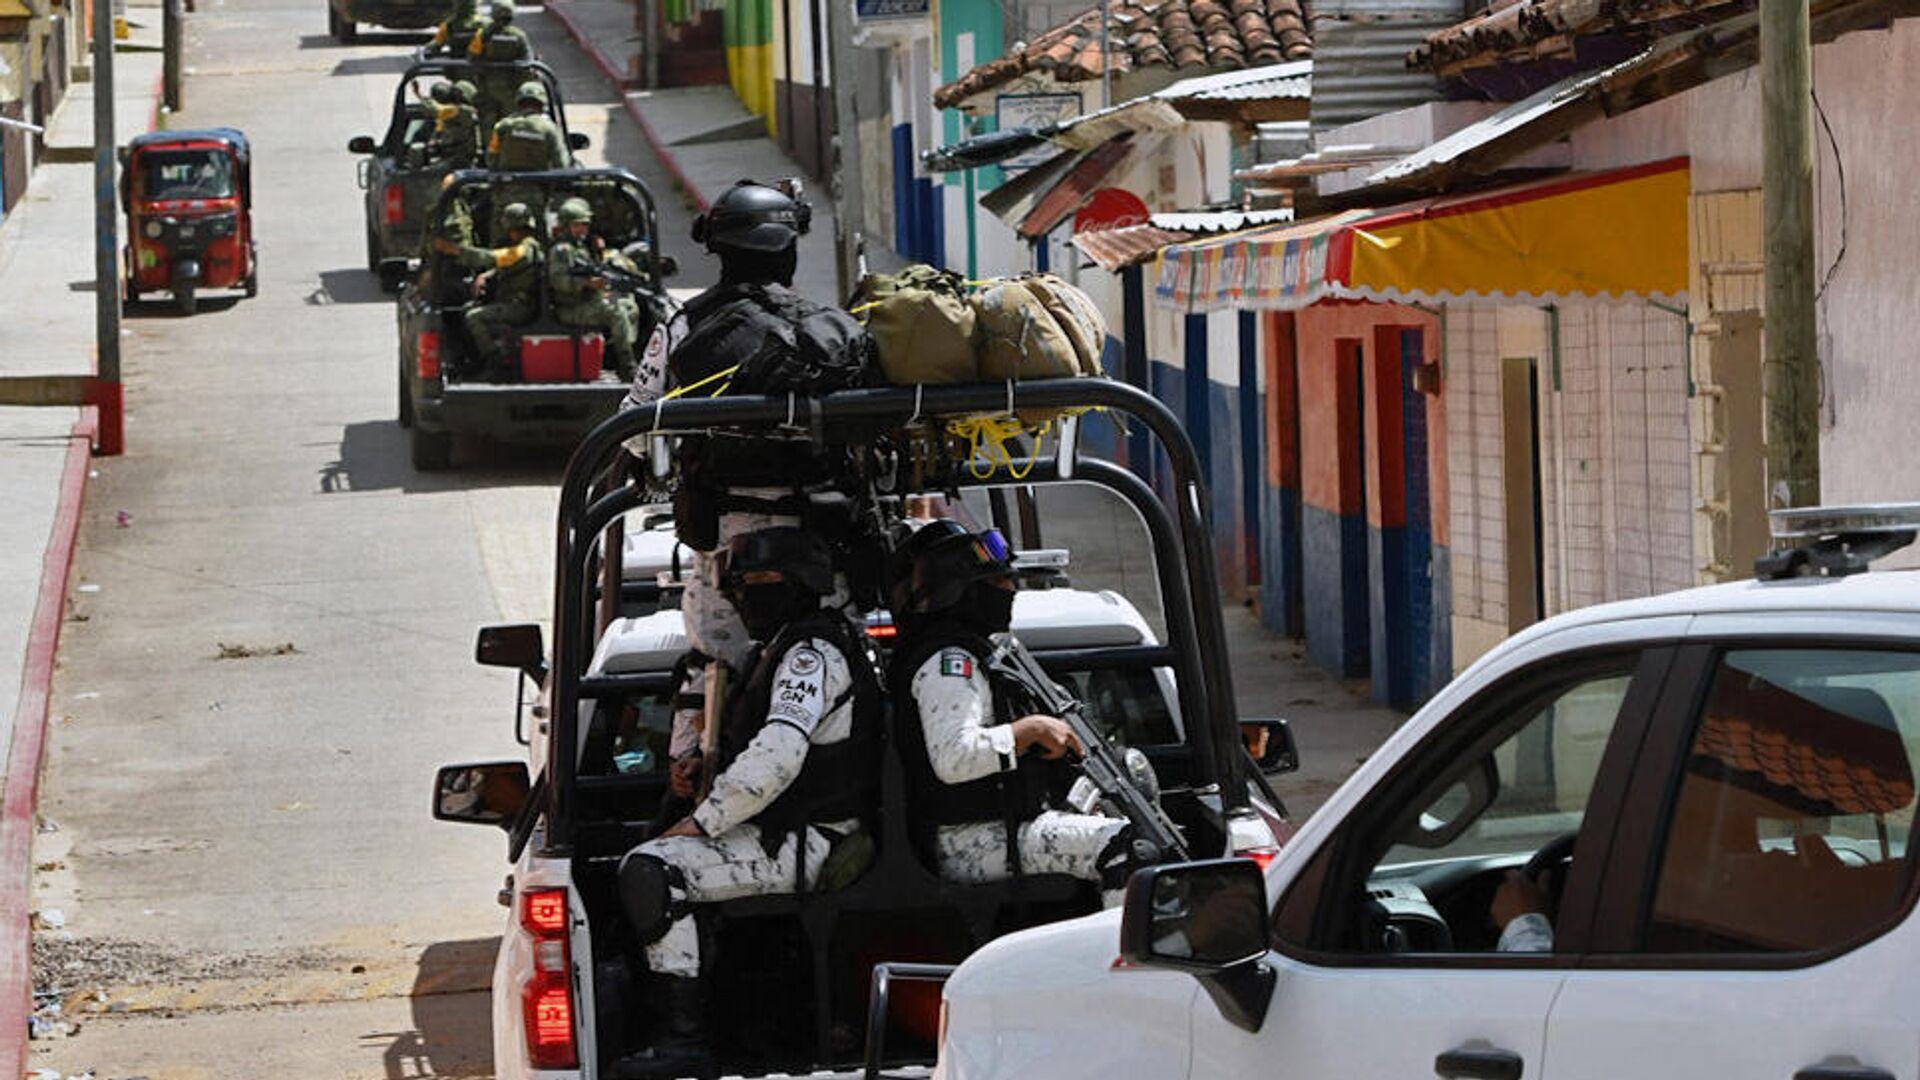 Polizei in Mexiko (Symbolbild) - SNA, 1920, 17.07.2021